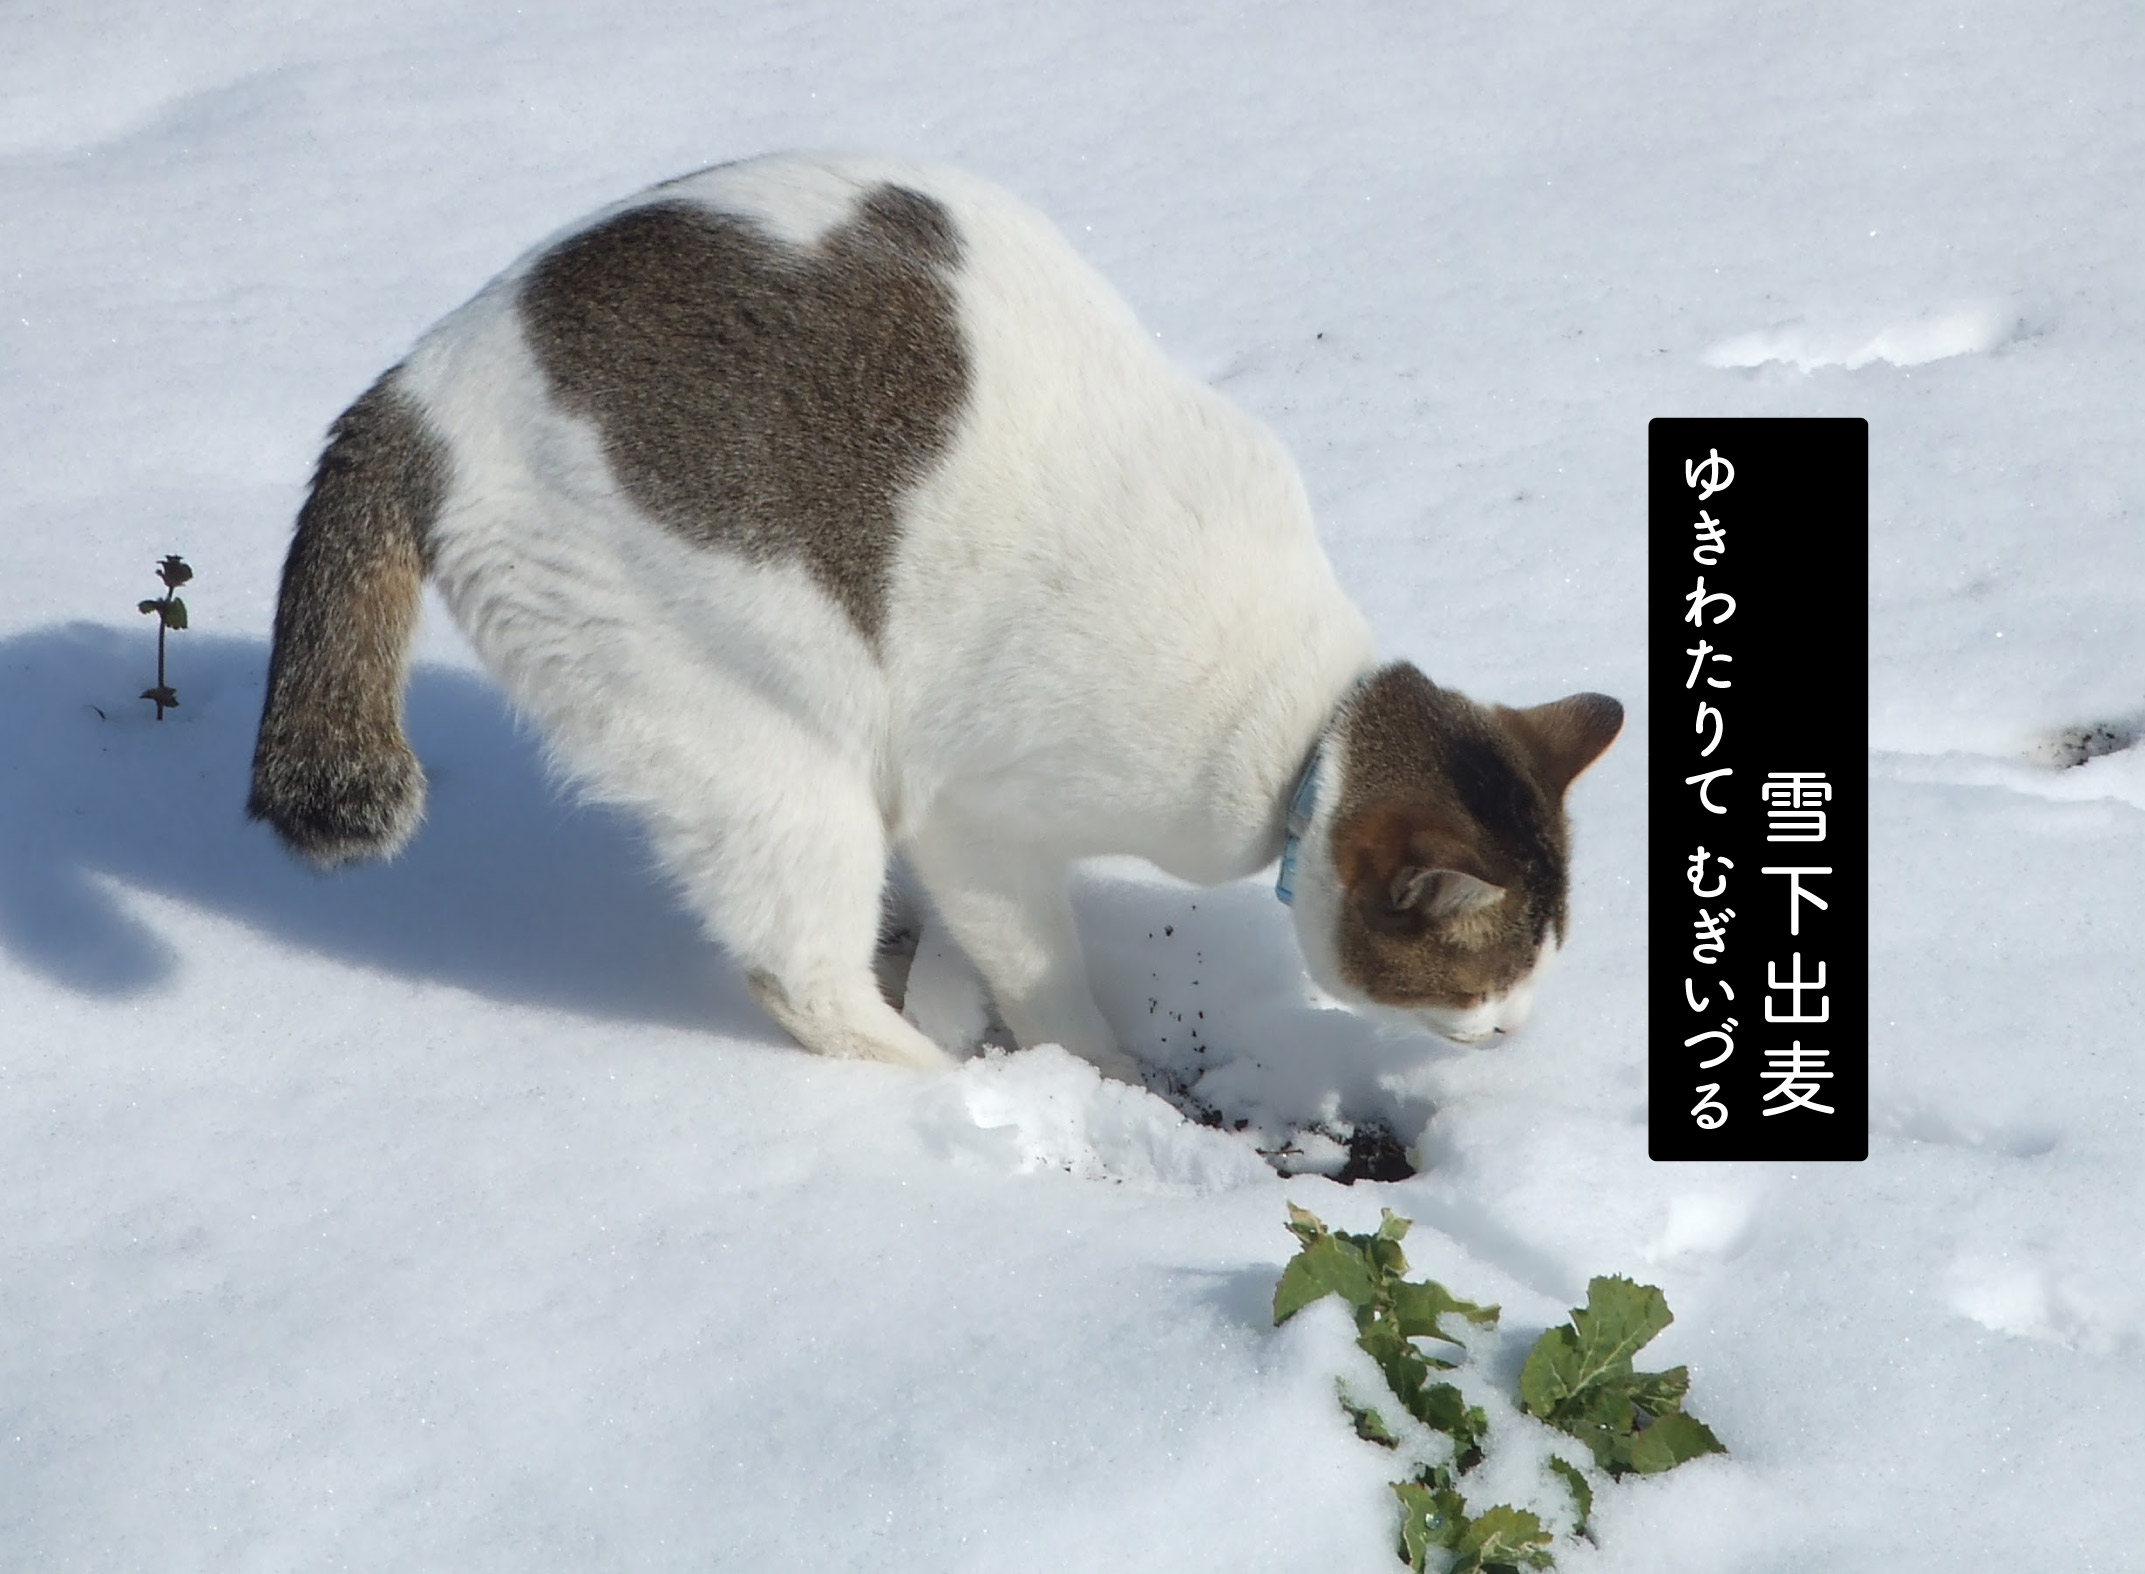 雪を掘る猫